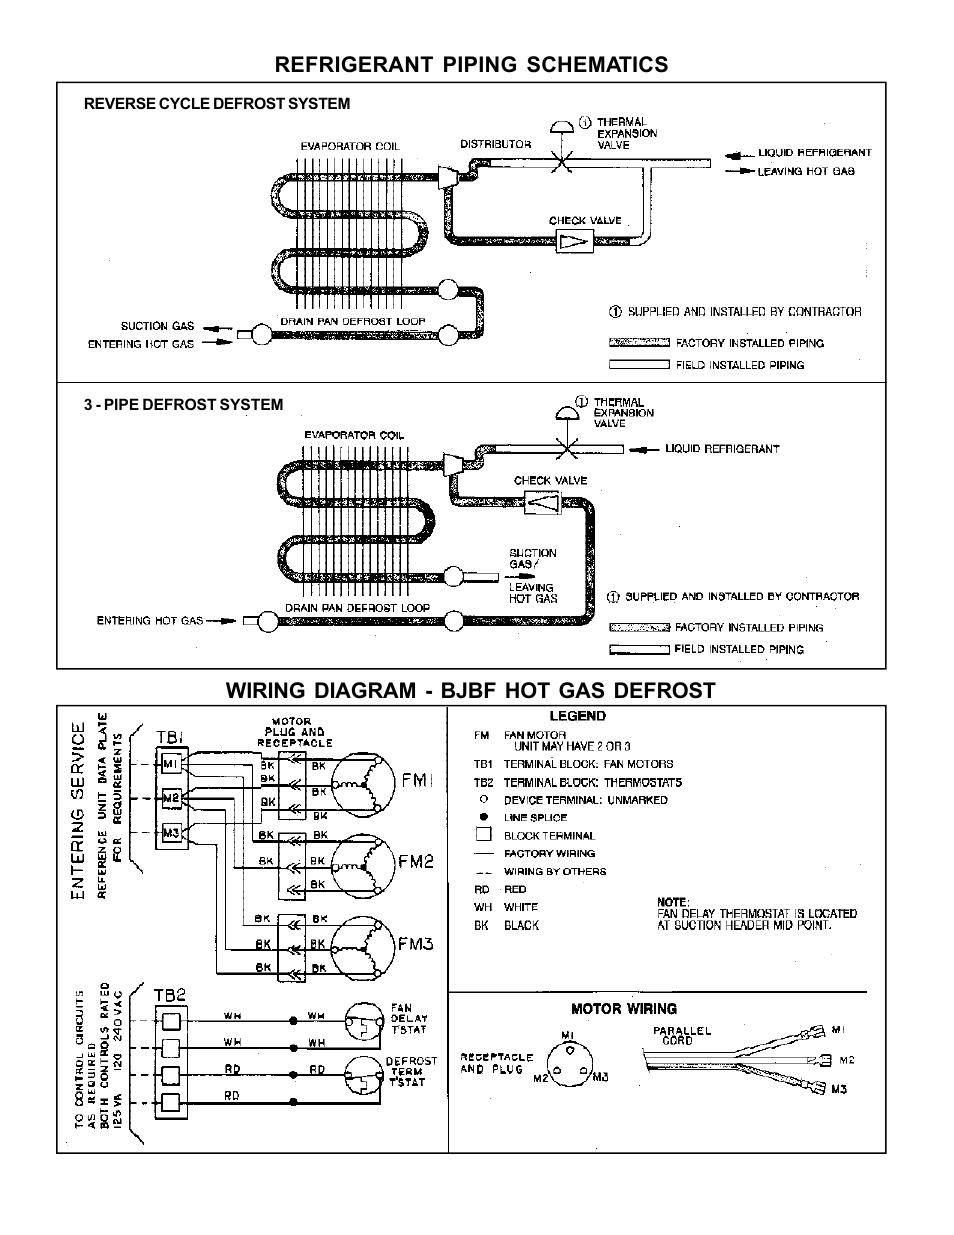 Refrigerant piping schematics Wiring diagram Hot gas defrost